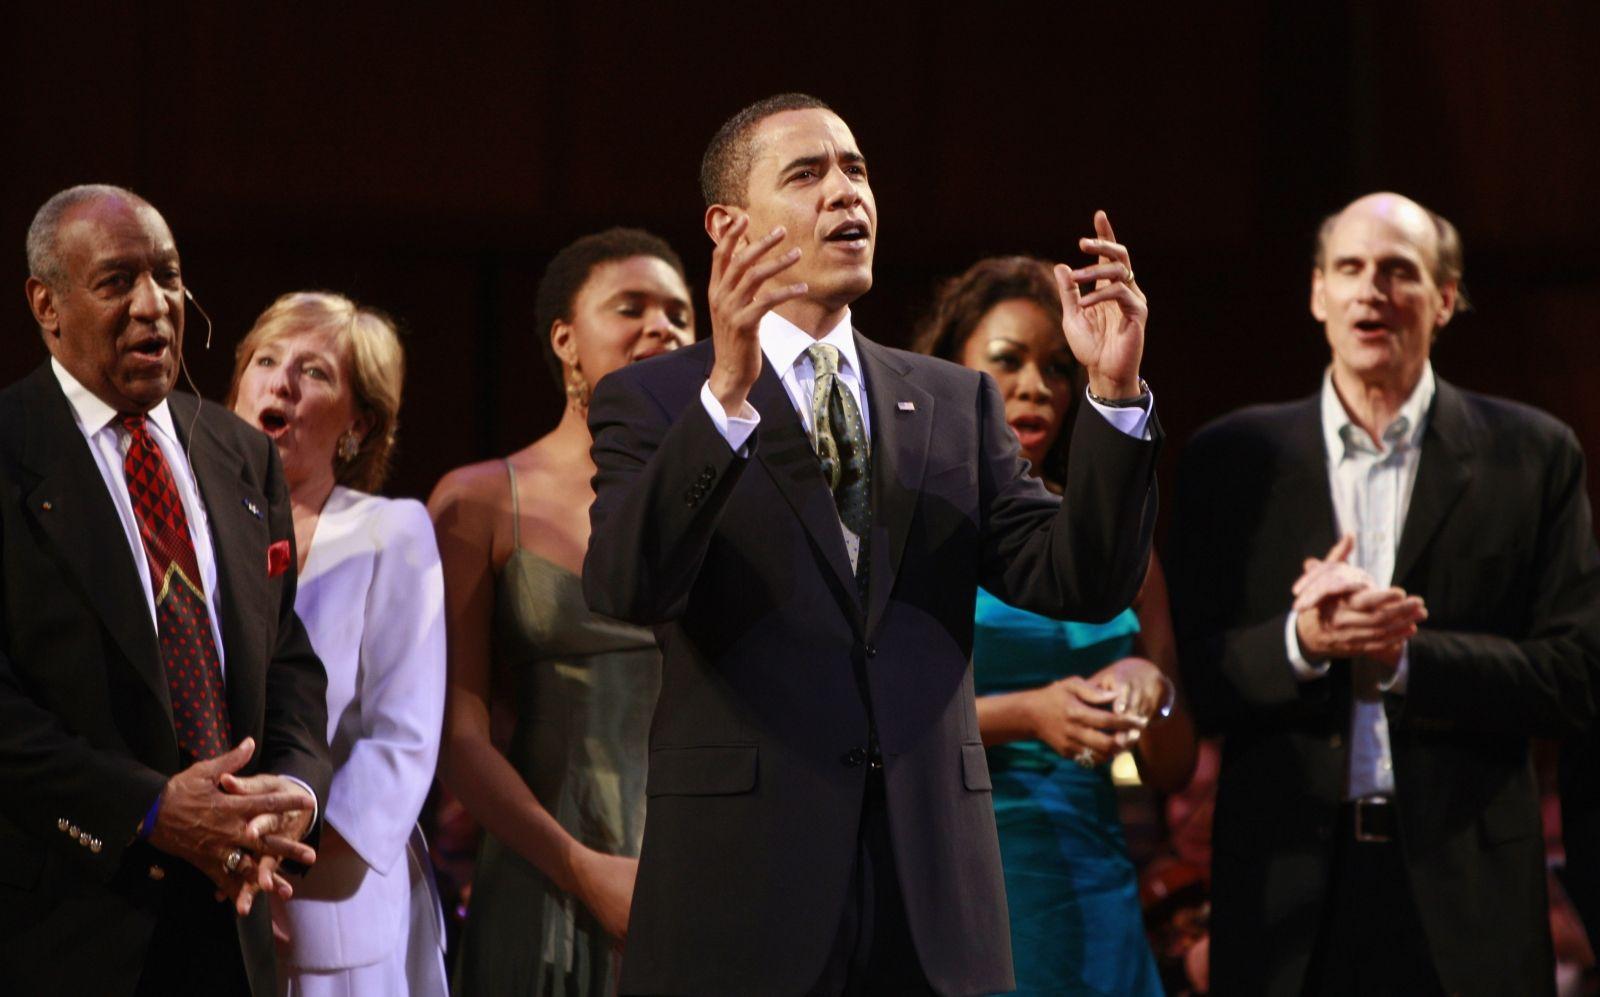 Obama singing